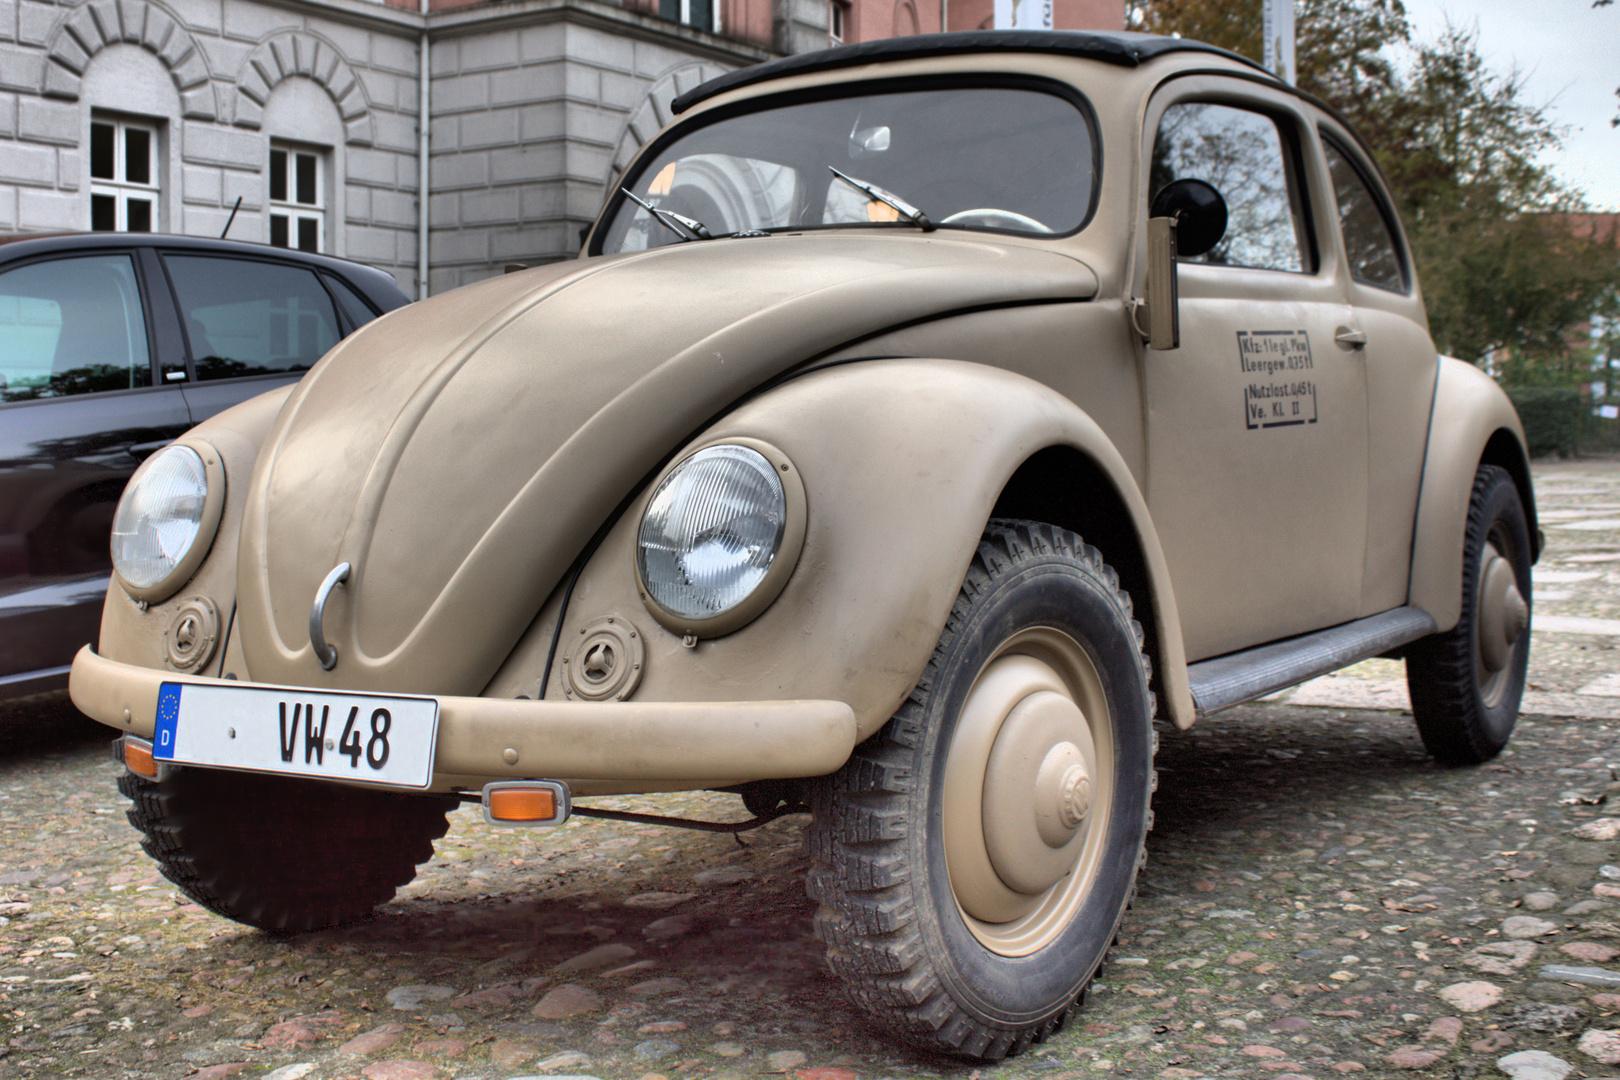 Käfer-Military Version